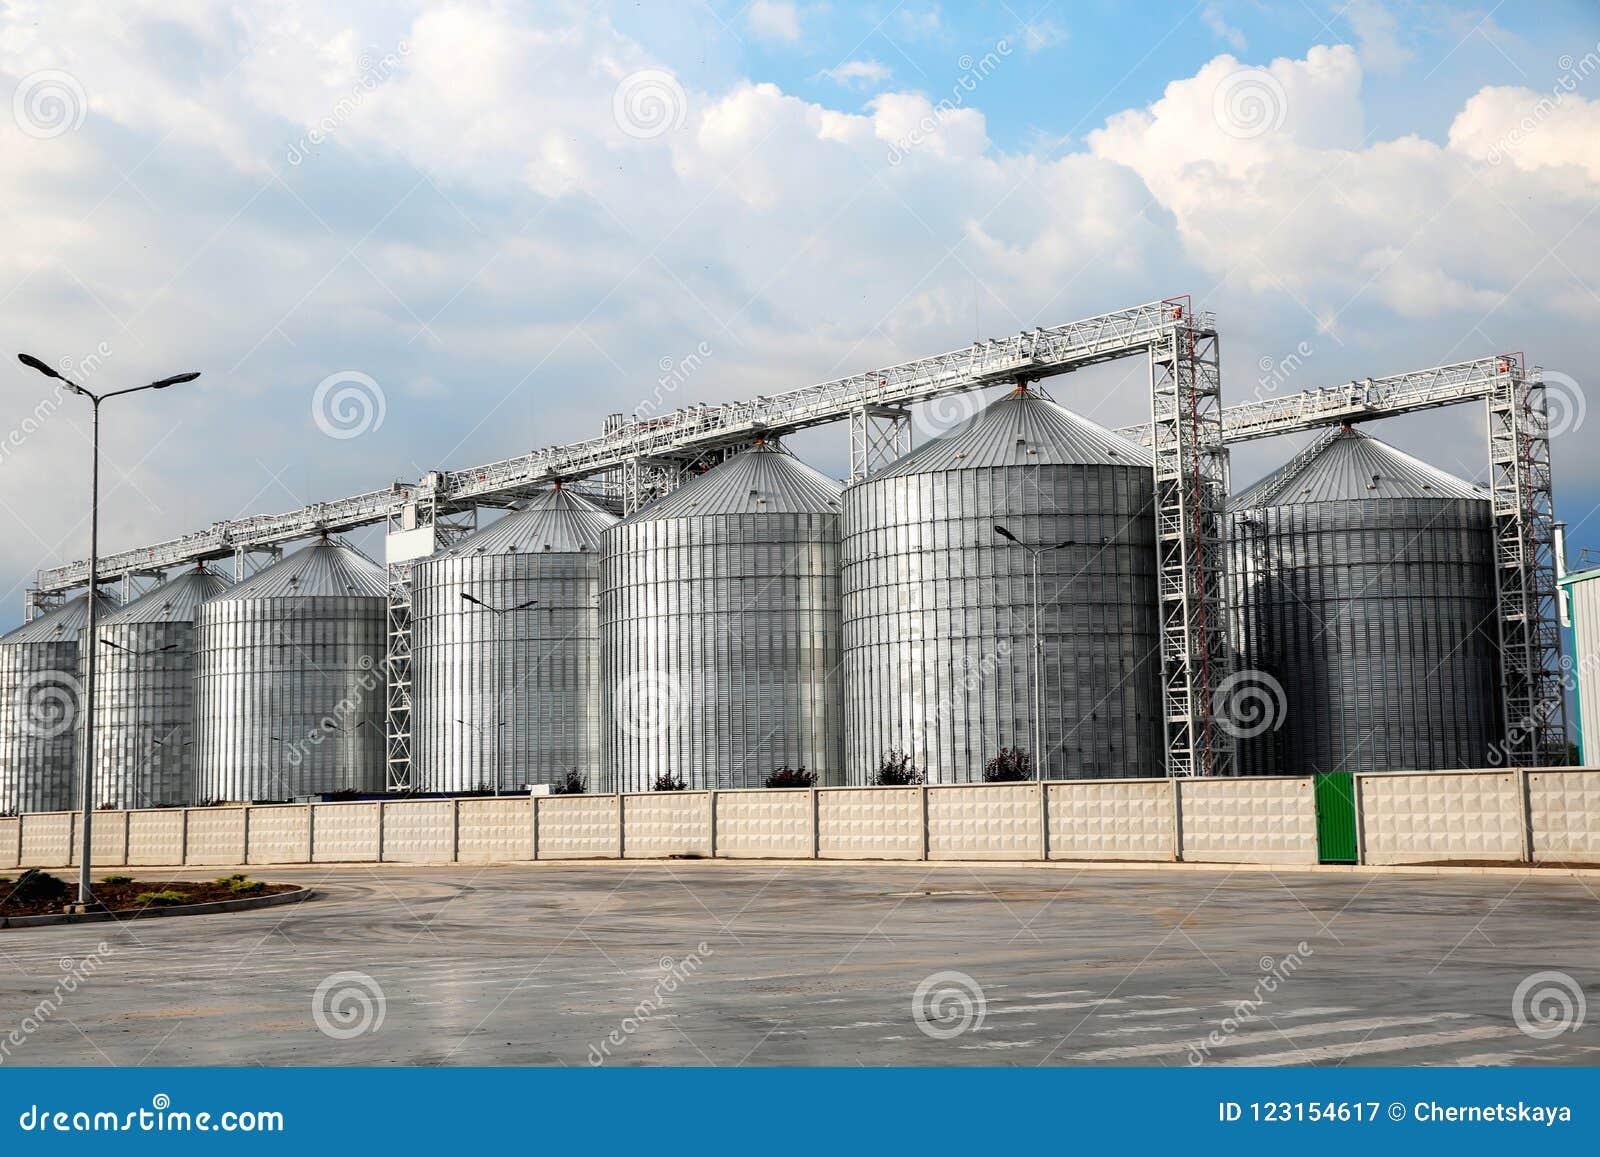 Rad av moderna spannmålsmagasin för att lagra korn